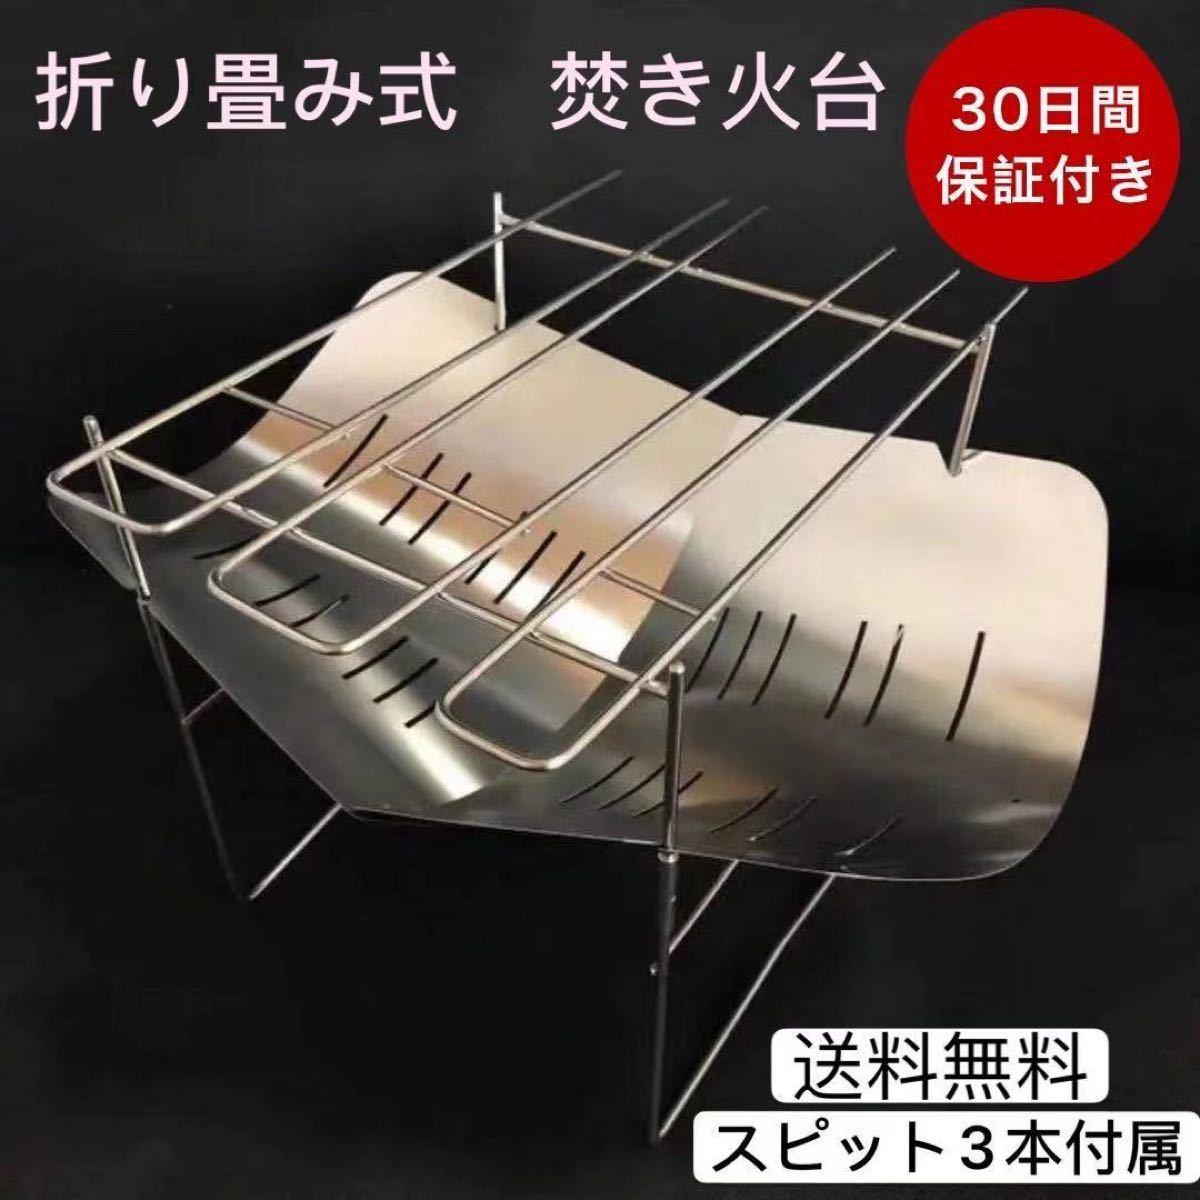 超人気焚き火台 折り畳み式 ステンレス製 A4サイズ 超軽量380g